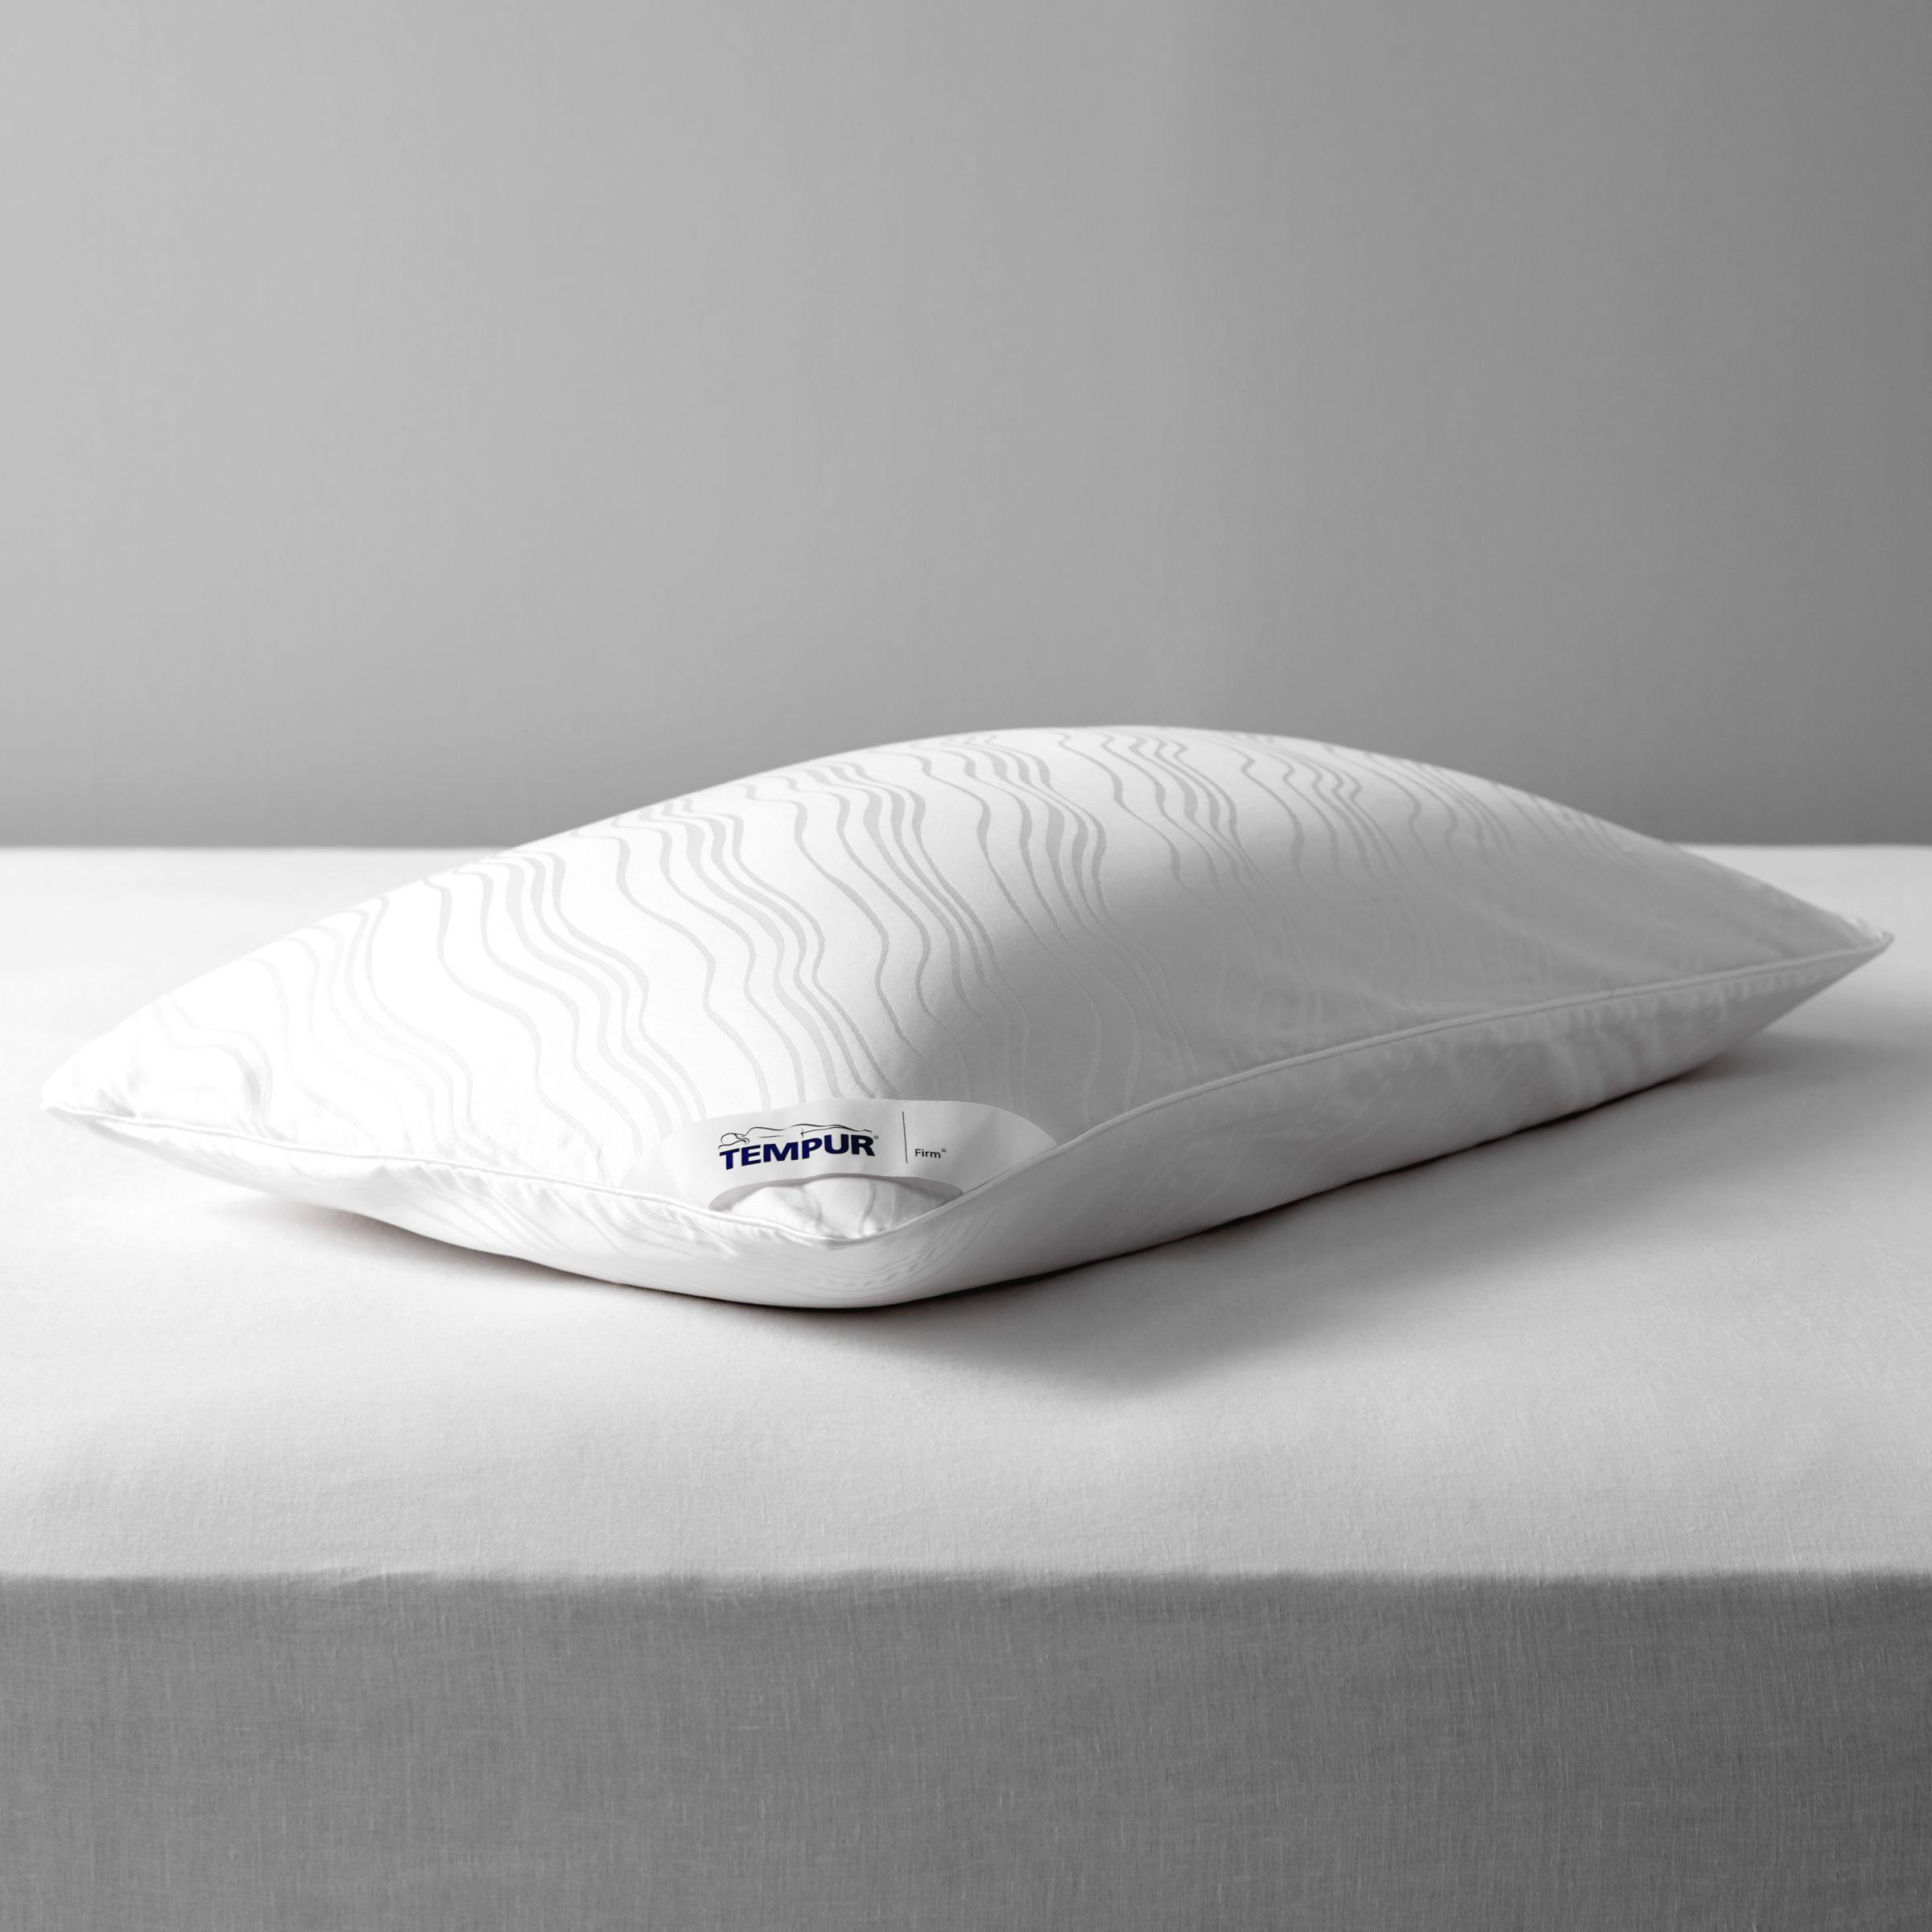 tempur traditional support standard pillow firm